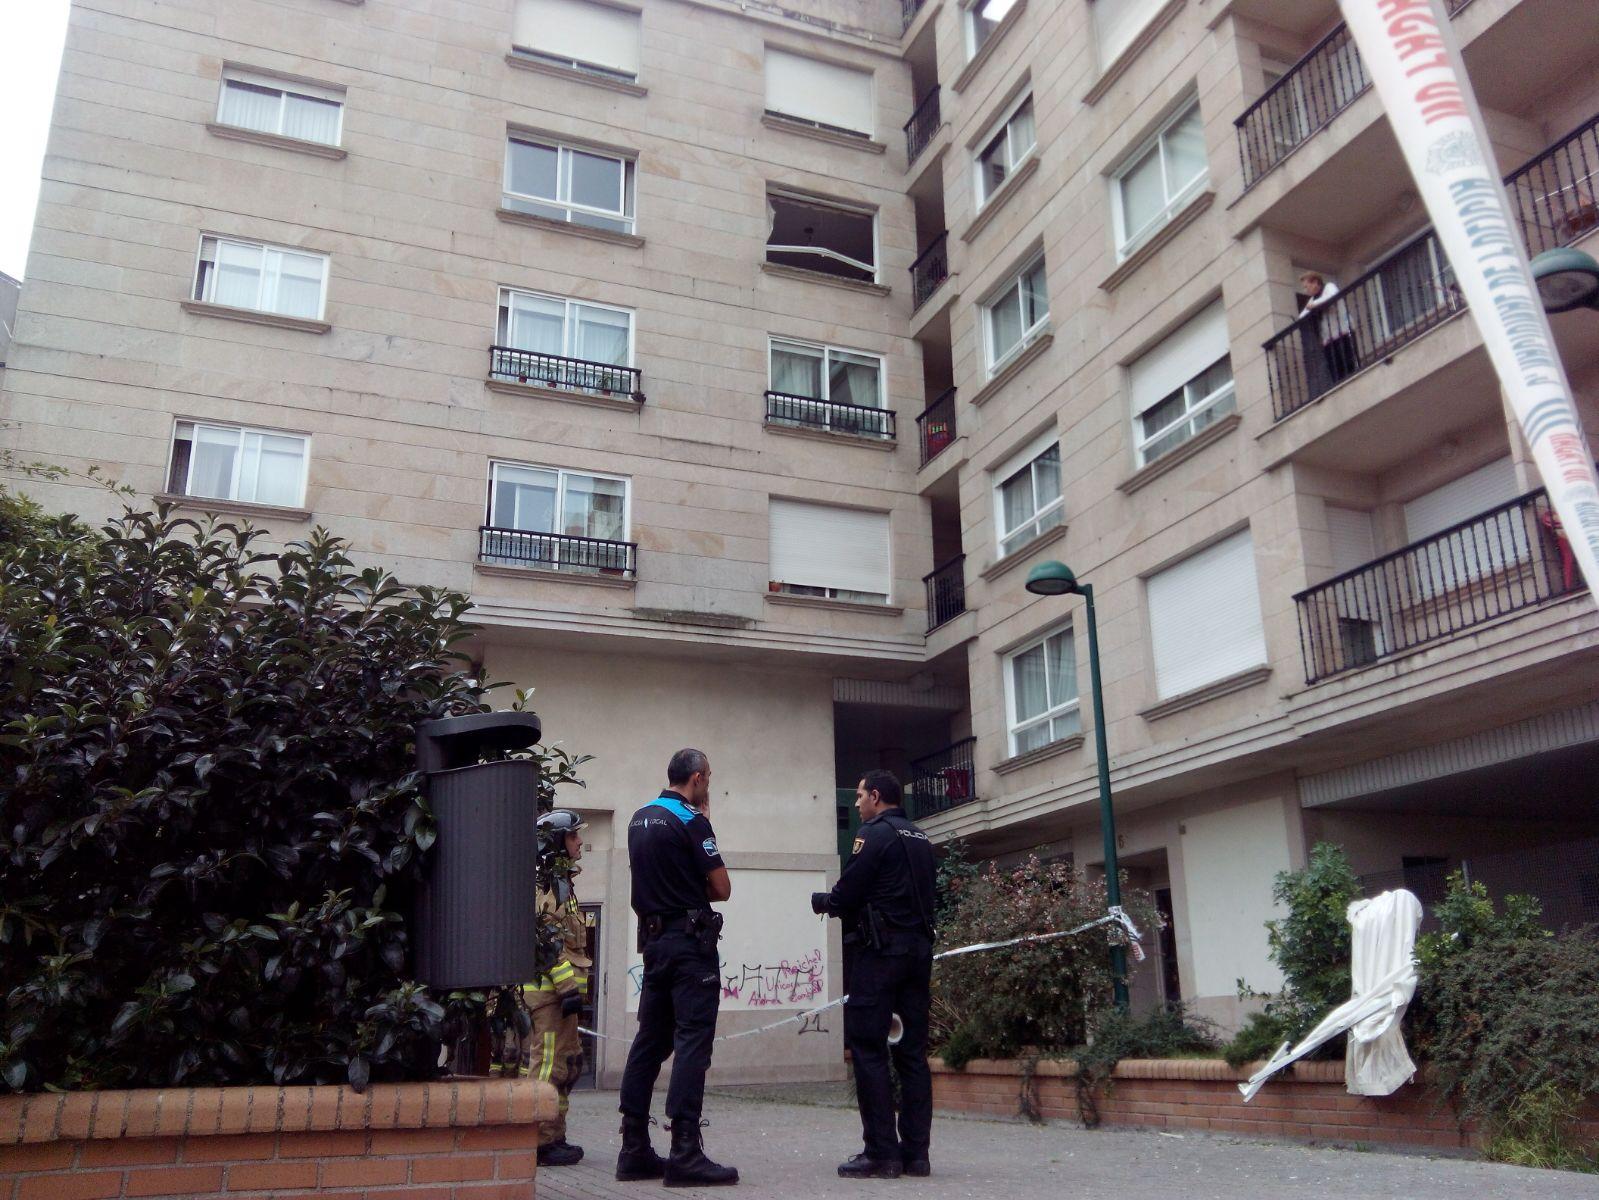 Foto: Tresyuno Comunicación